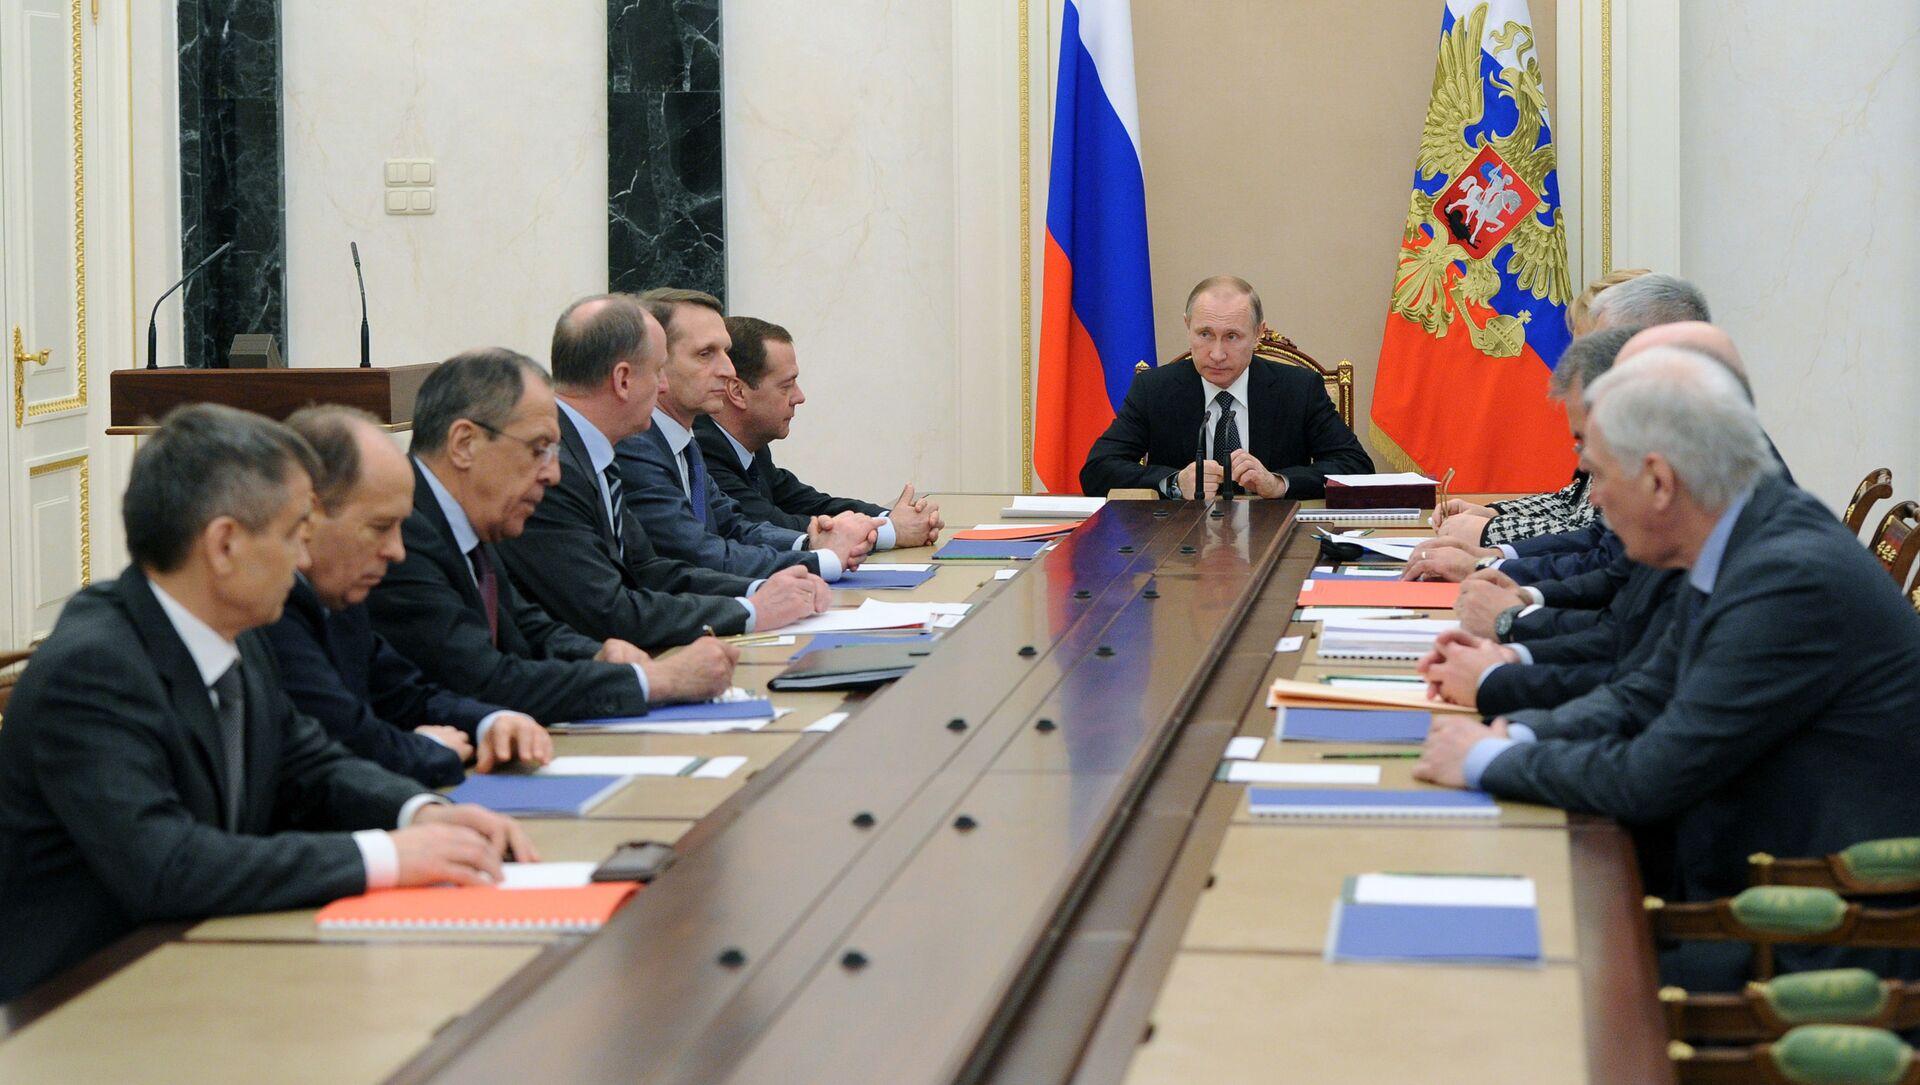 Prezydent Rosji Władimir Putin na posiedzeniu Rady Bezpieczeństwa Narodowego na Kremlu. - Sputnik Polska, 1920, 14.05.2021